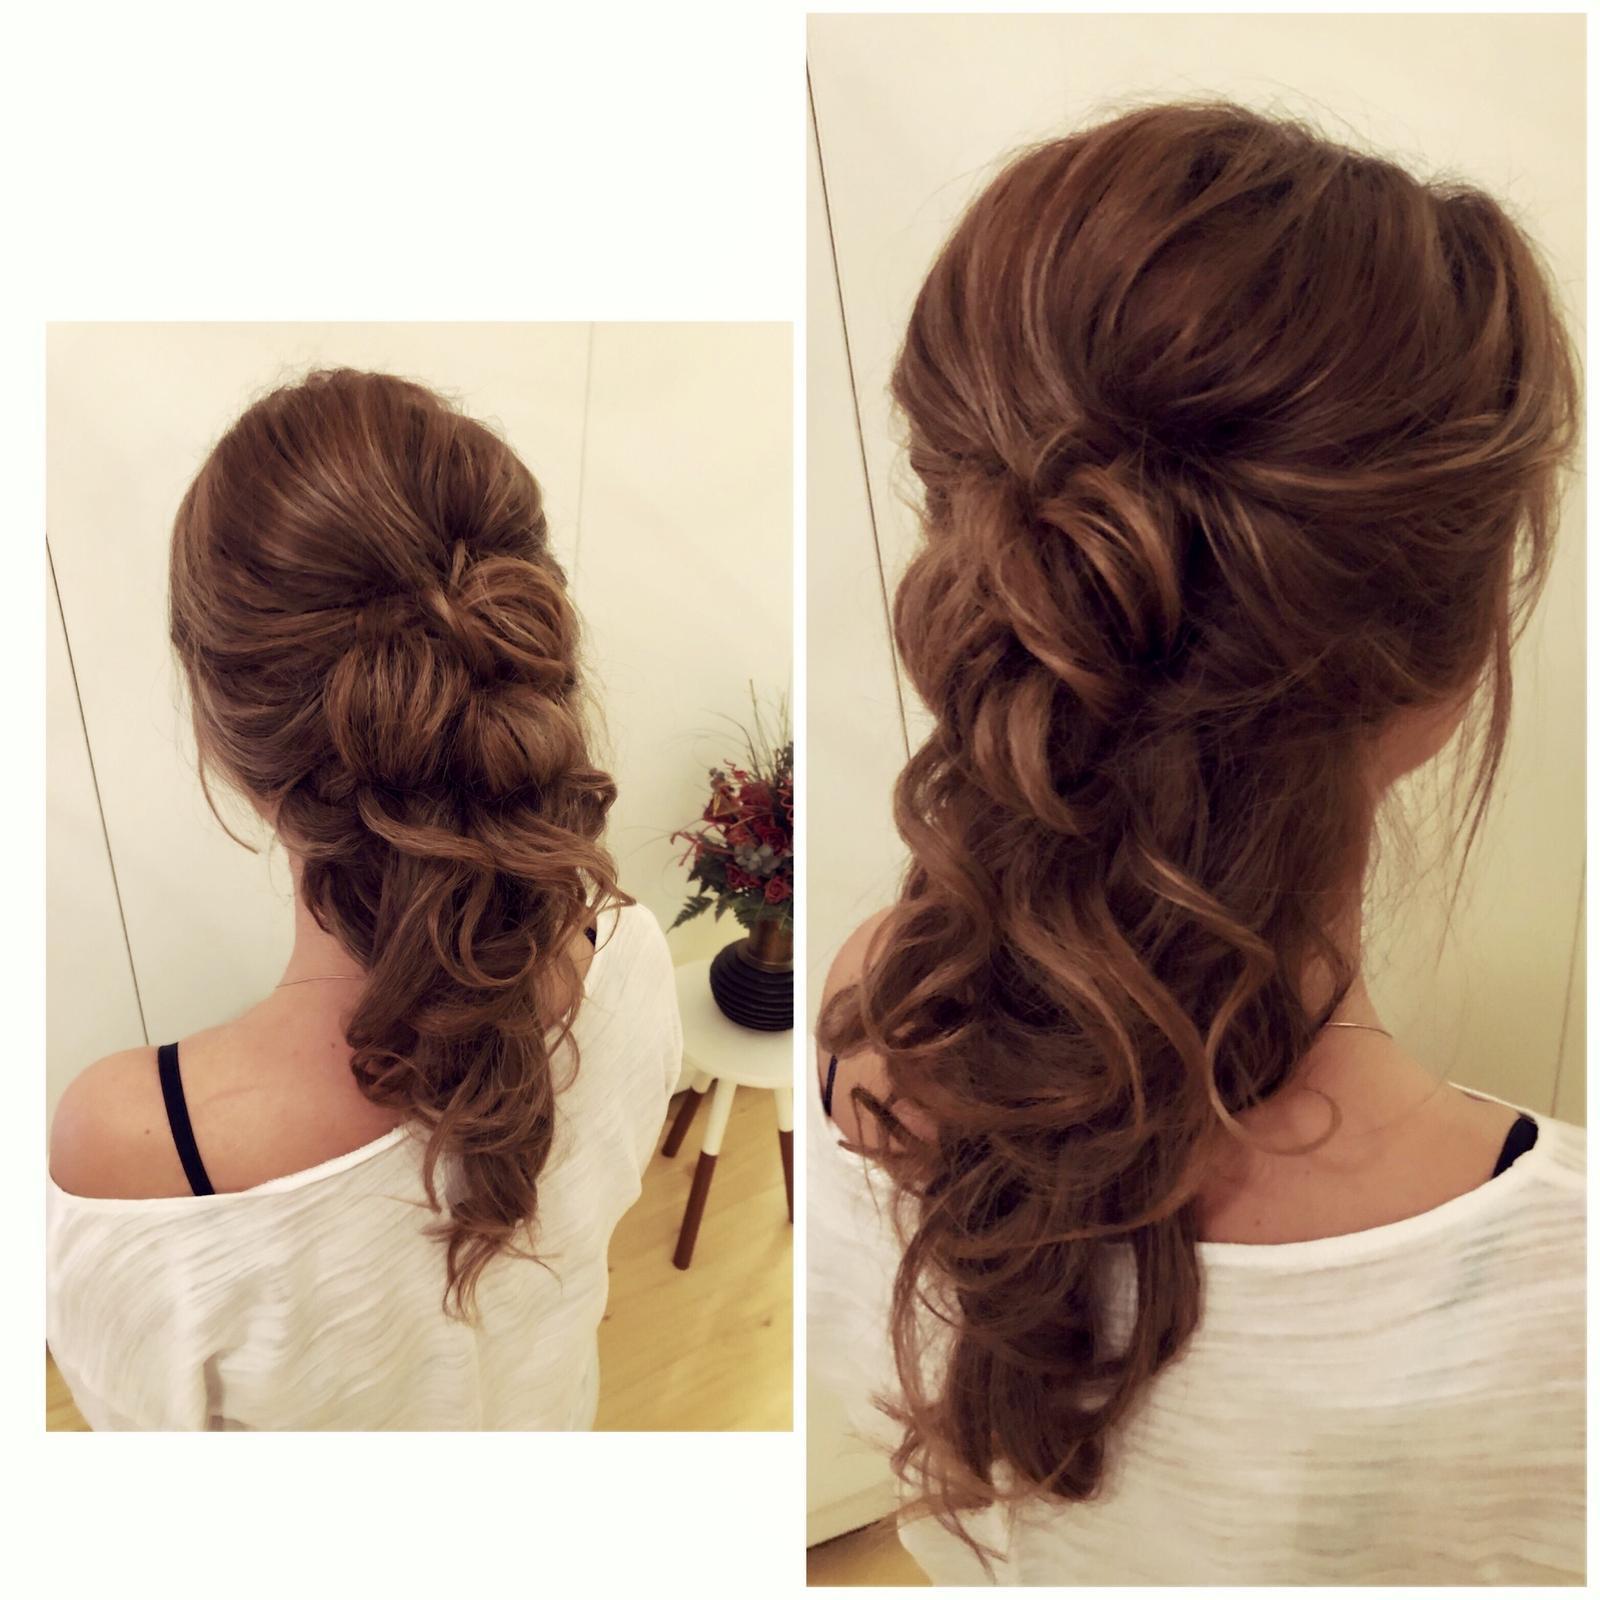 Wedding hairstyle 2019 💄 - Obrázek č. 1